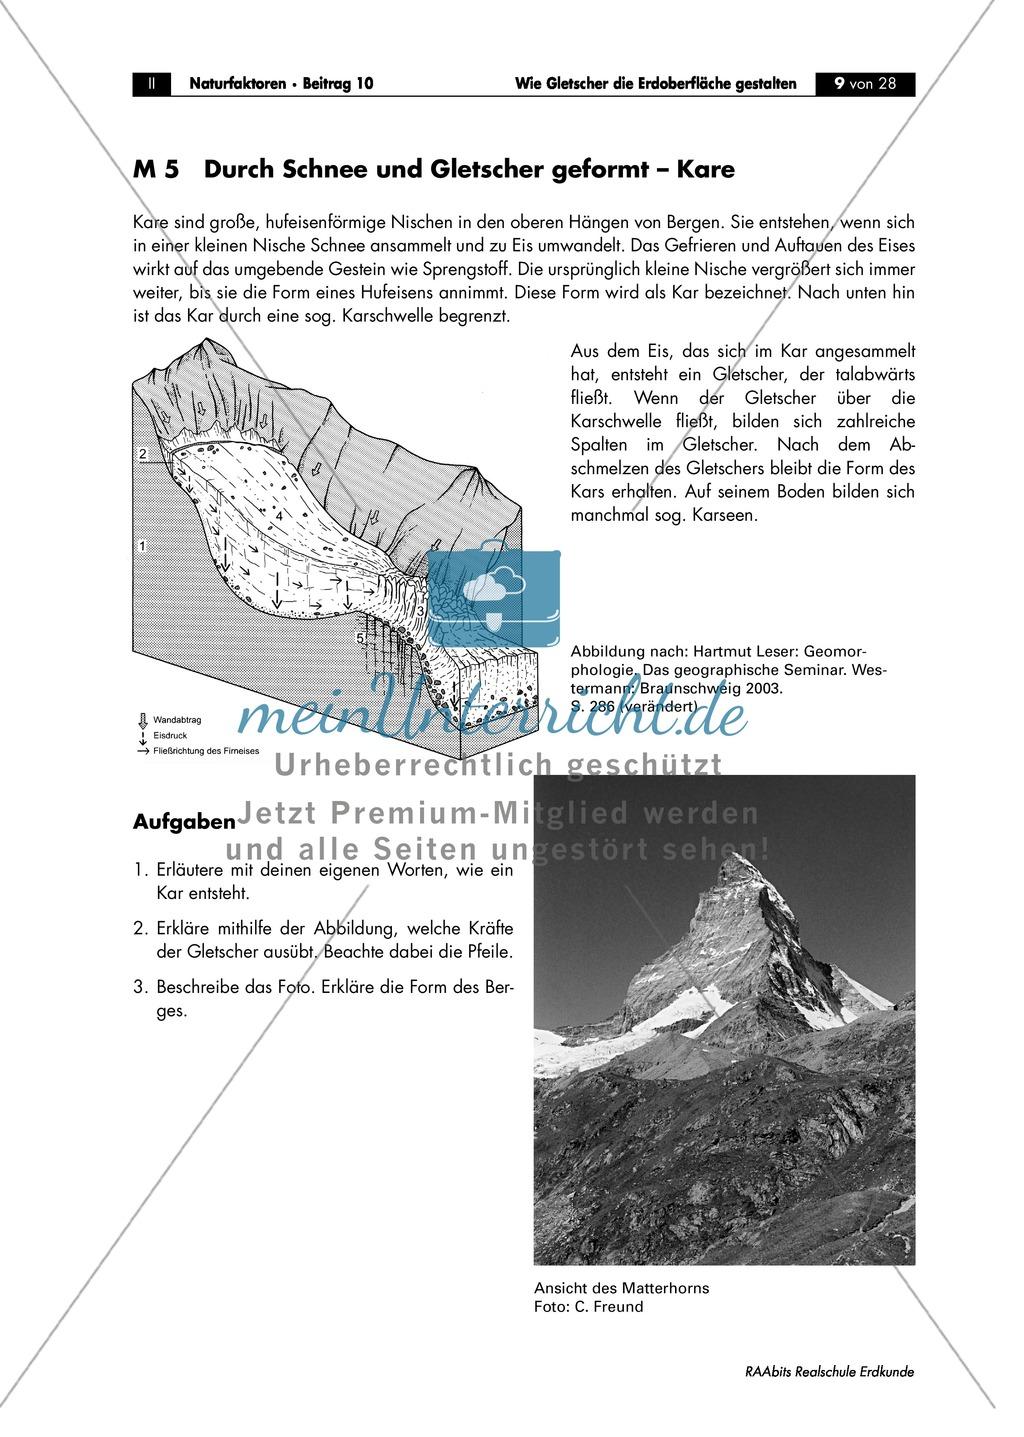 Gletscher - glaziale Erosionsformen: Trogtäler + Kar + Überformung durch Vergletscherung - Arbeitsblätter Preview 1